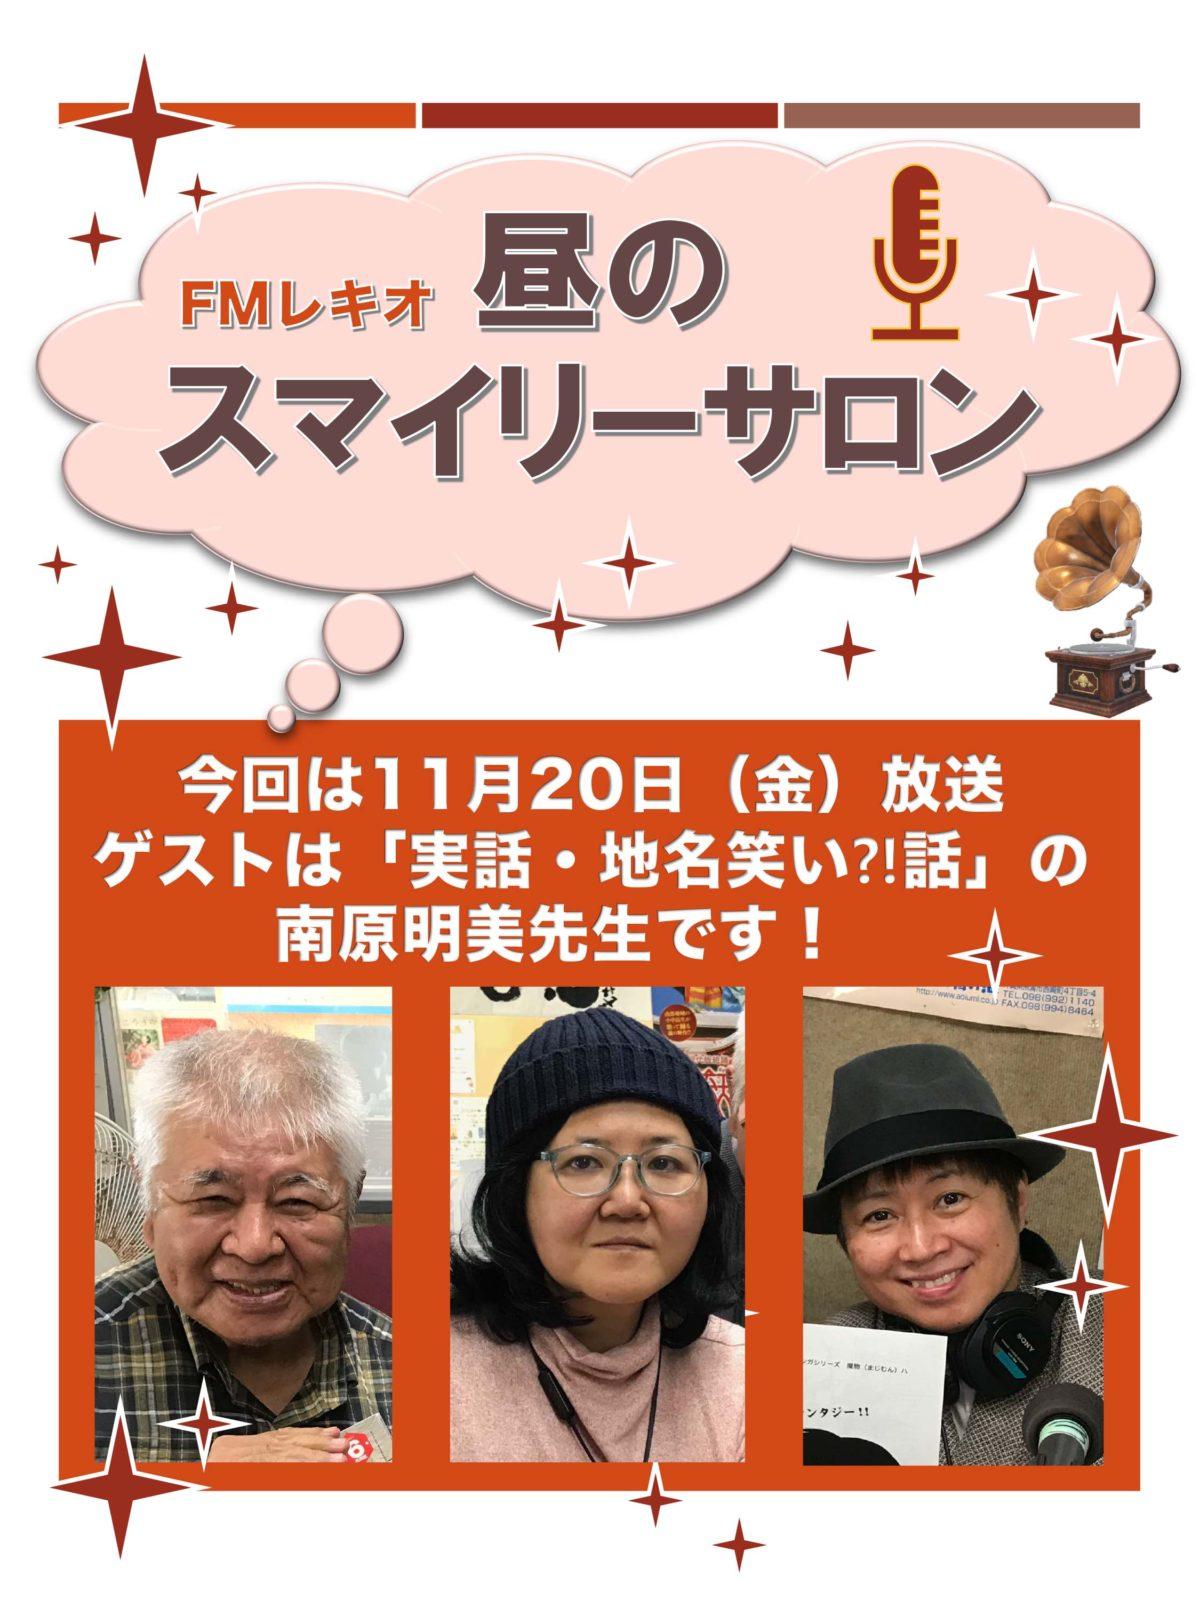 今回は11月20日(金)放送!『昼のスマイリーサロン』「実話・地名笑い⁈話」の南原明美先生が登場!